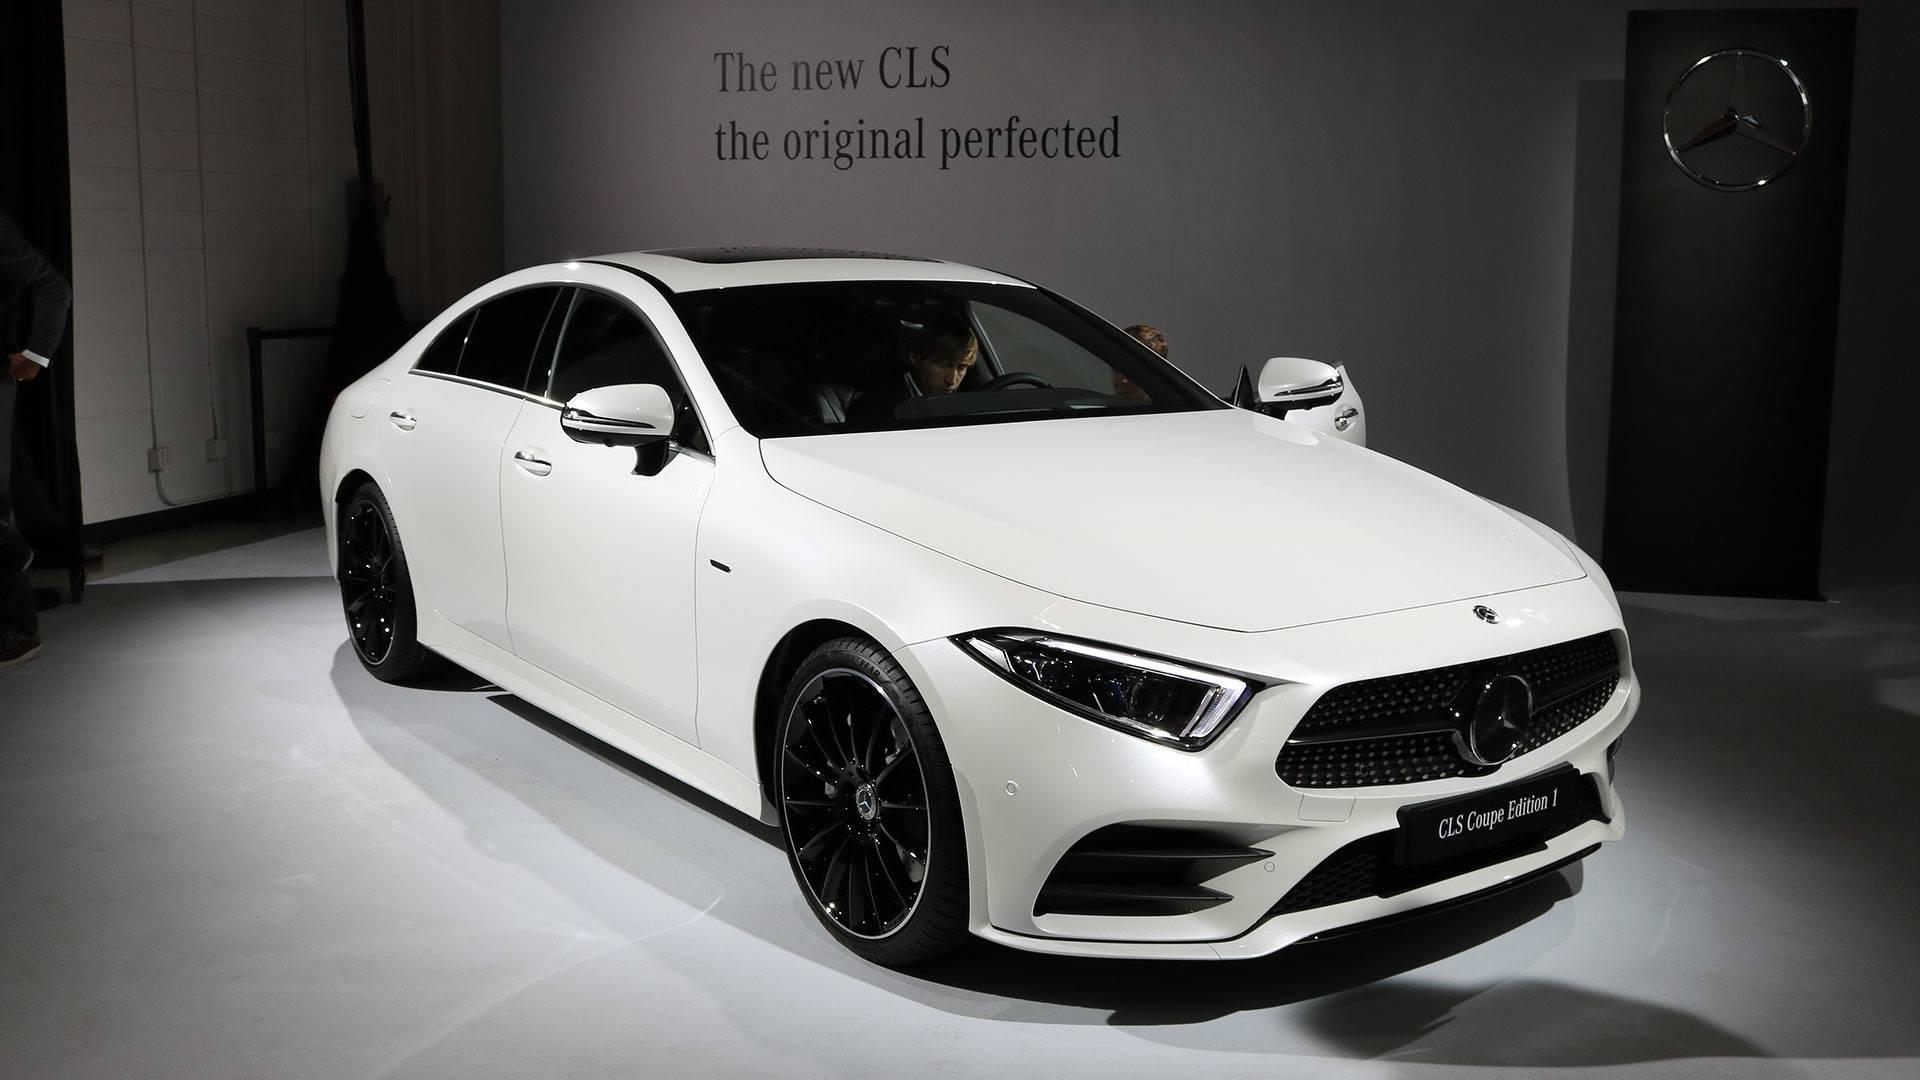 Captivating Motor1.com   Uol